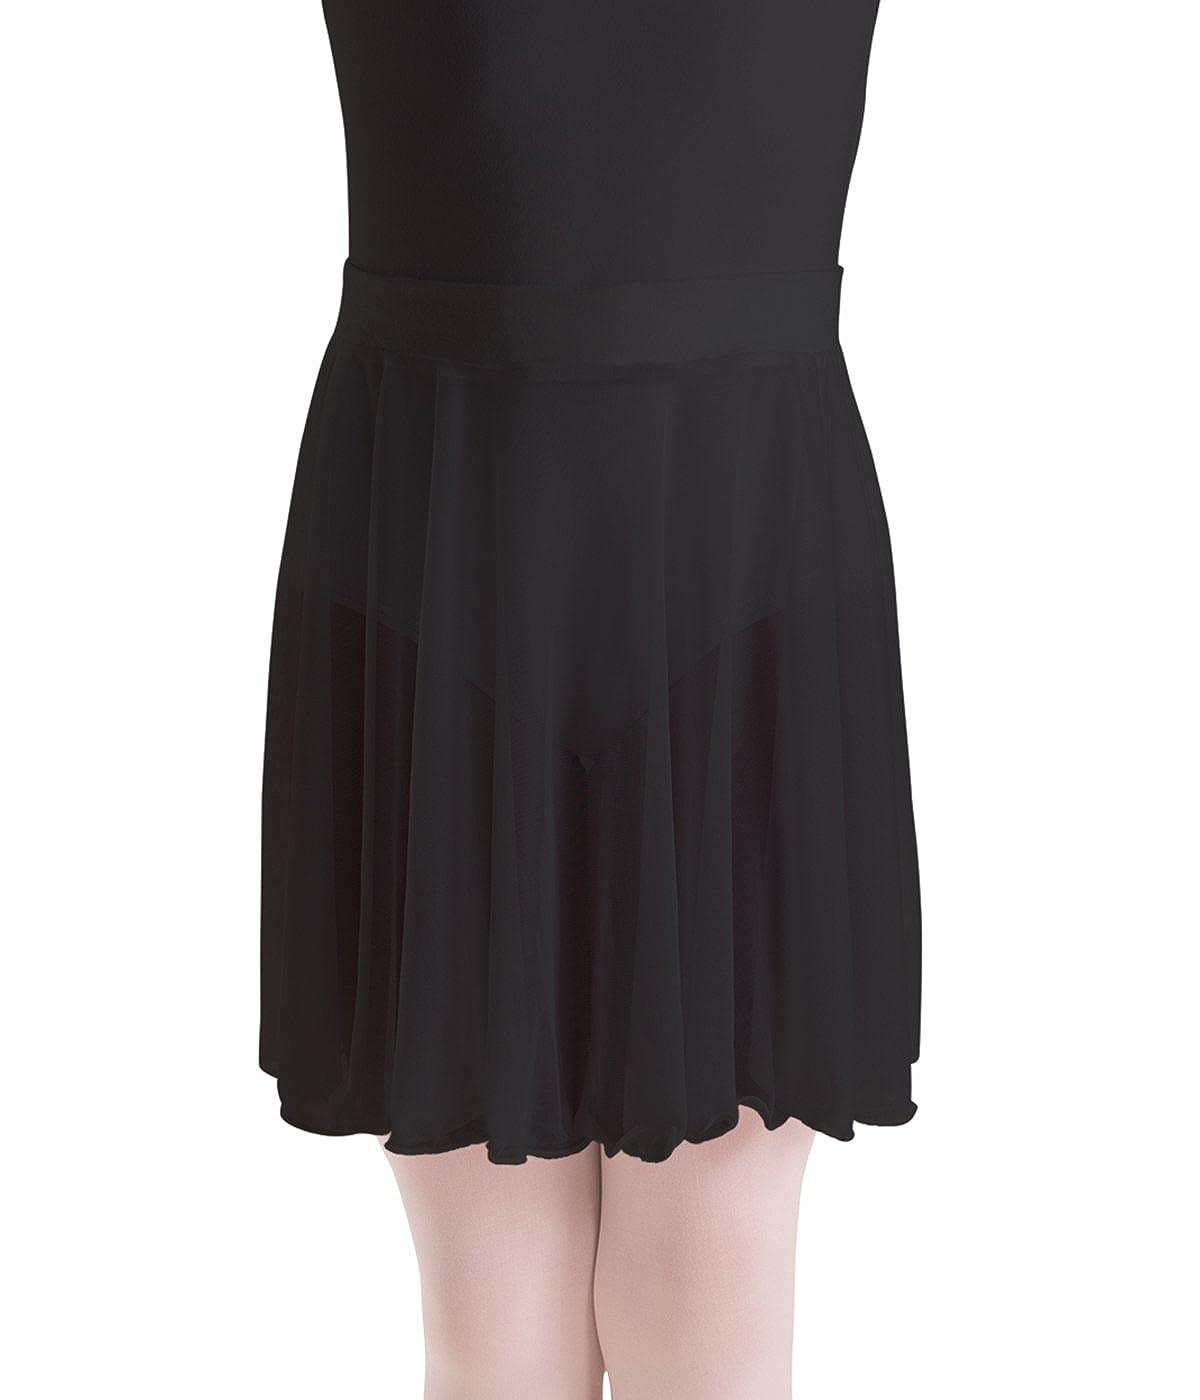 注目の Motionwear SKIRT レディース B0753QMJLG Intermediate Intermediate Child|ブラック ブラック Intermediate Motionwear ブラック Child, 計量器専門店 はかろう会:3524c9a0 --- a0267596.xsph.ru